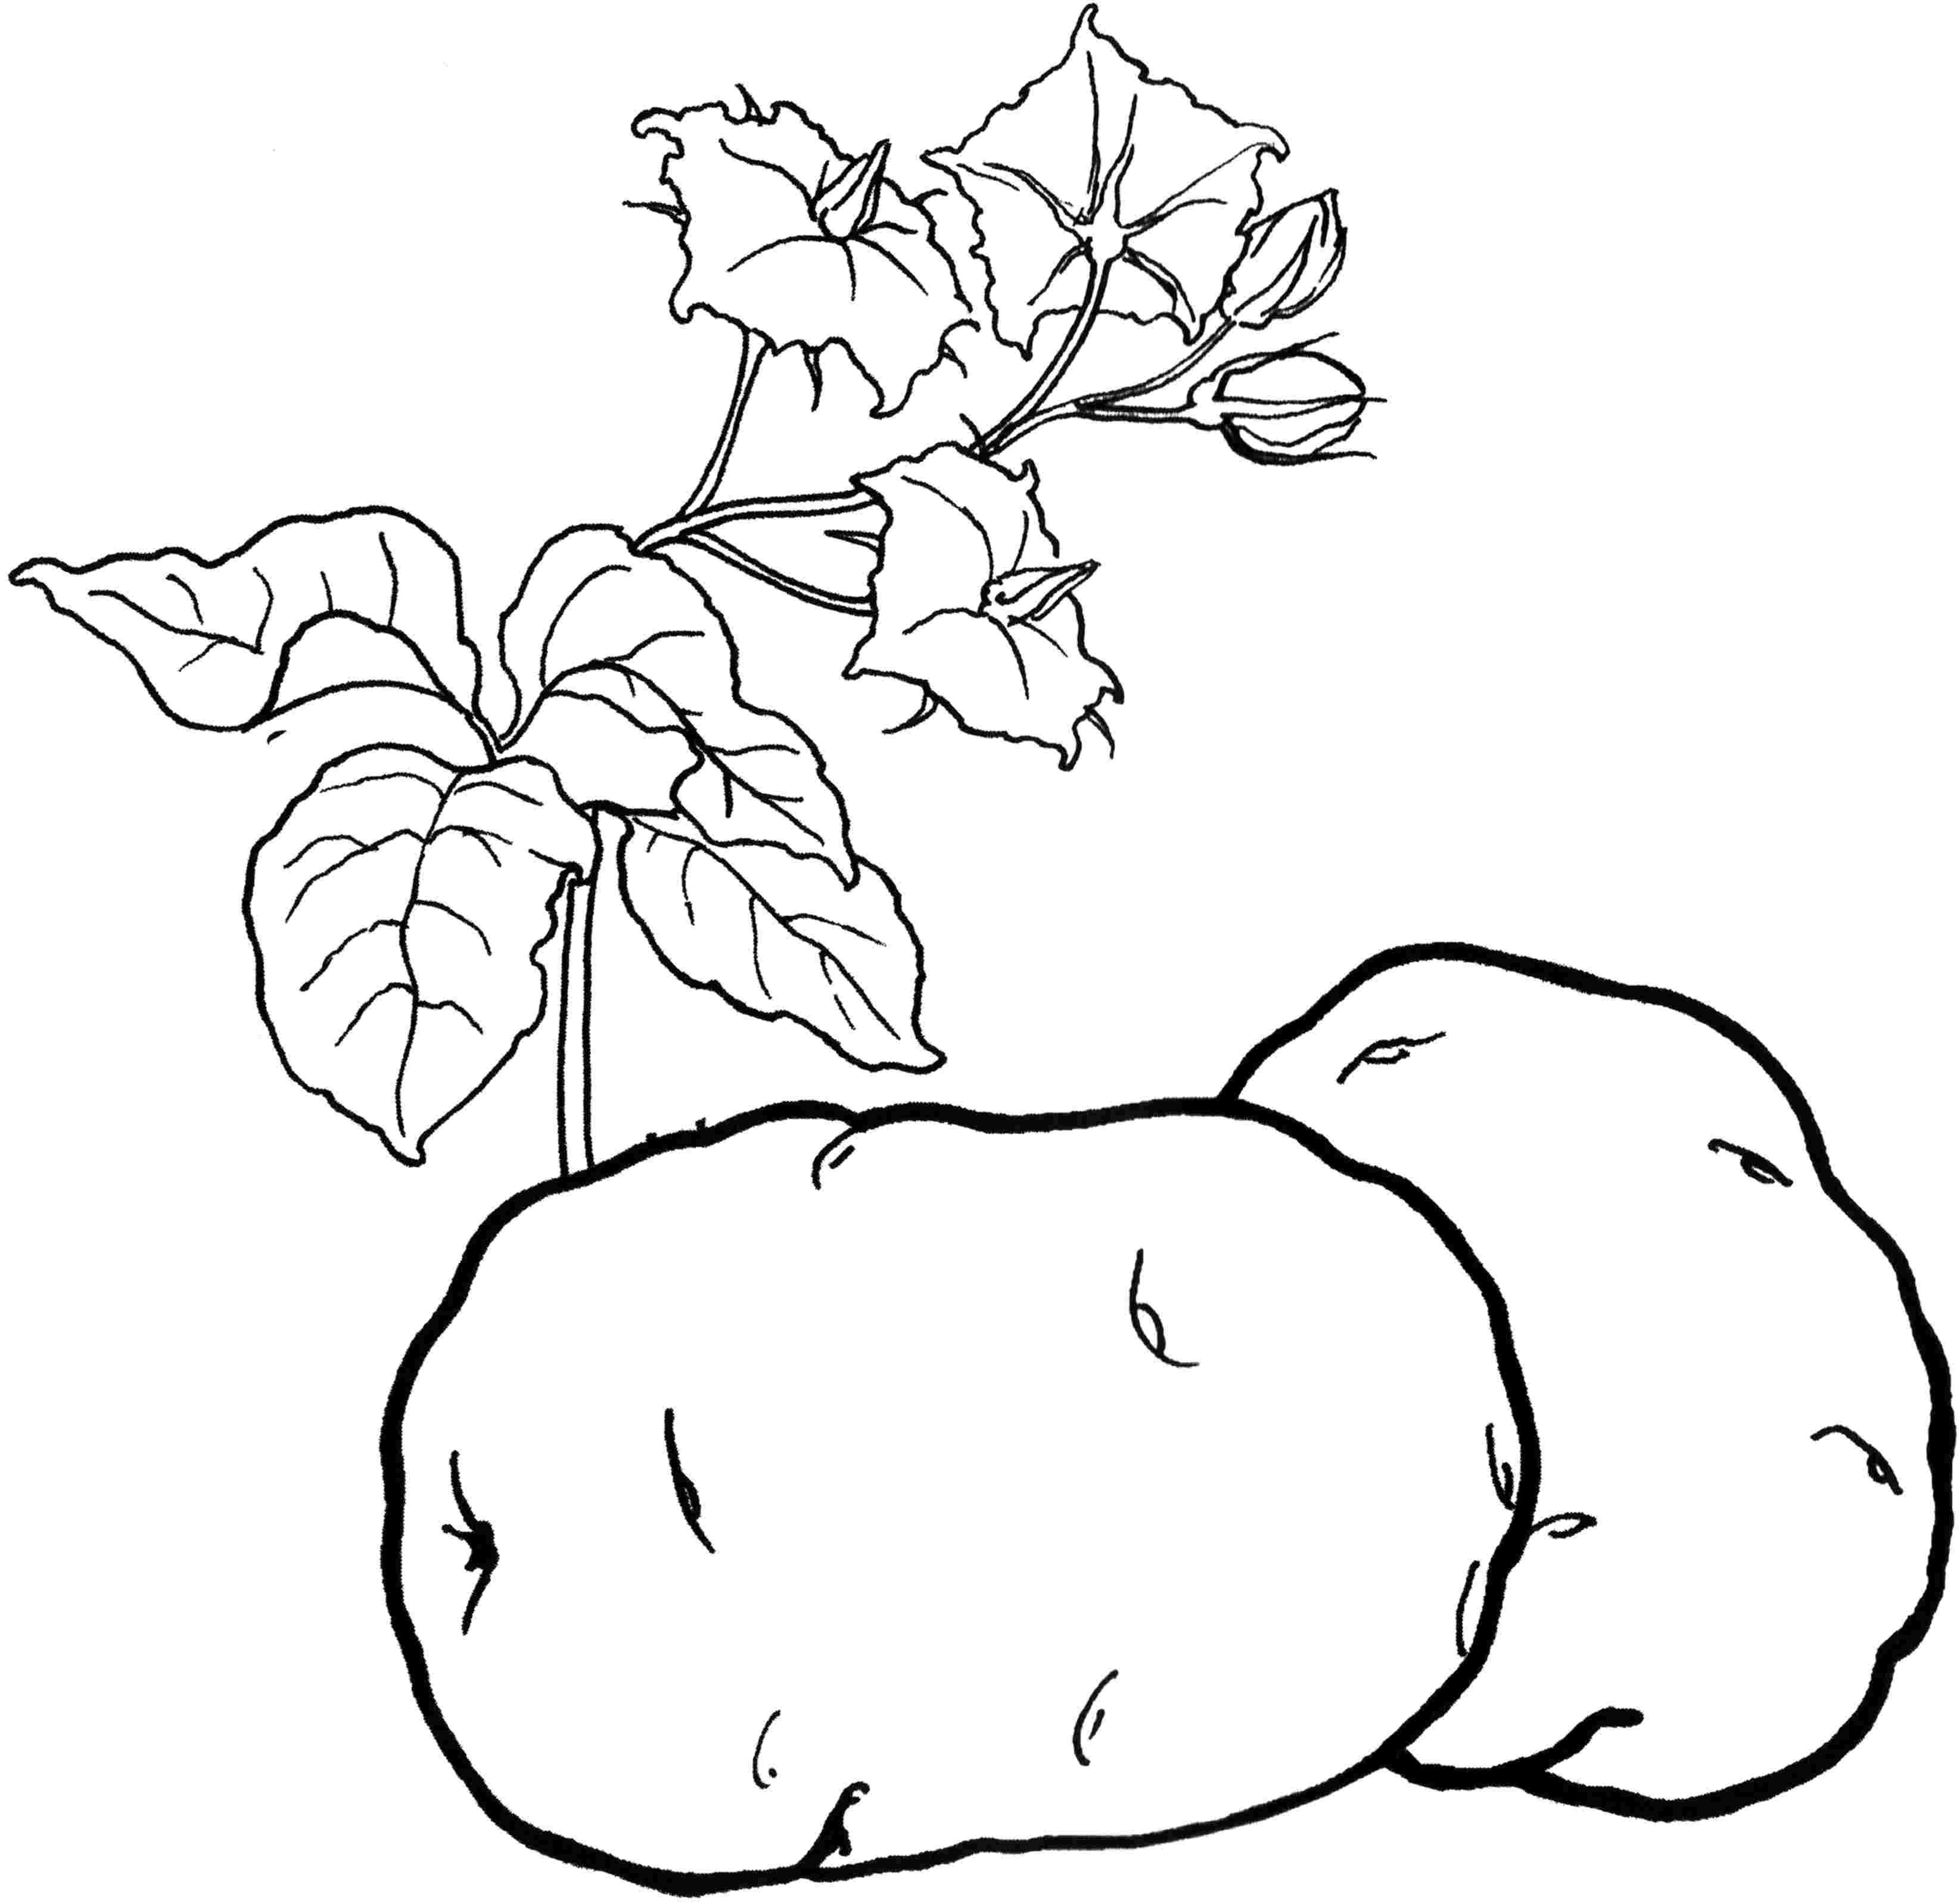 Раскраски Овощи - детские раскраски распечатать бесплатно